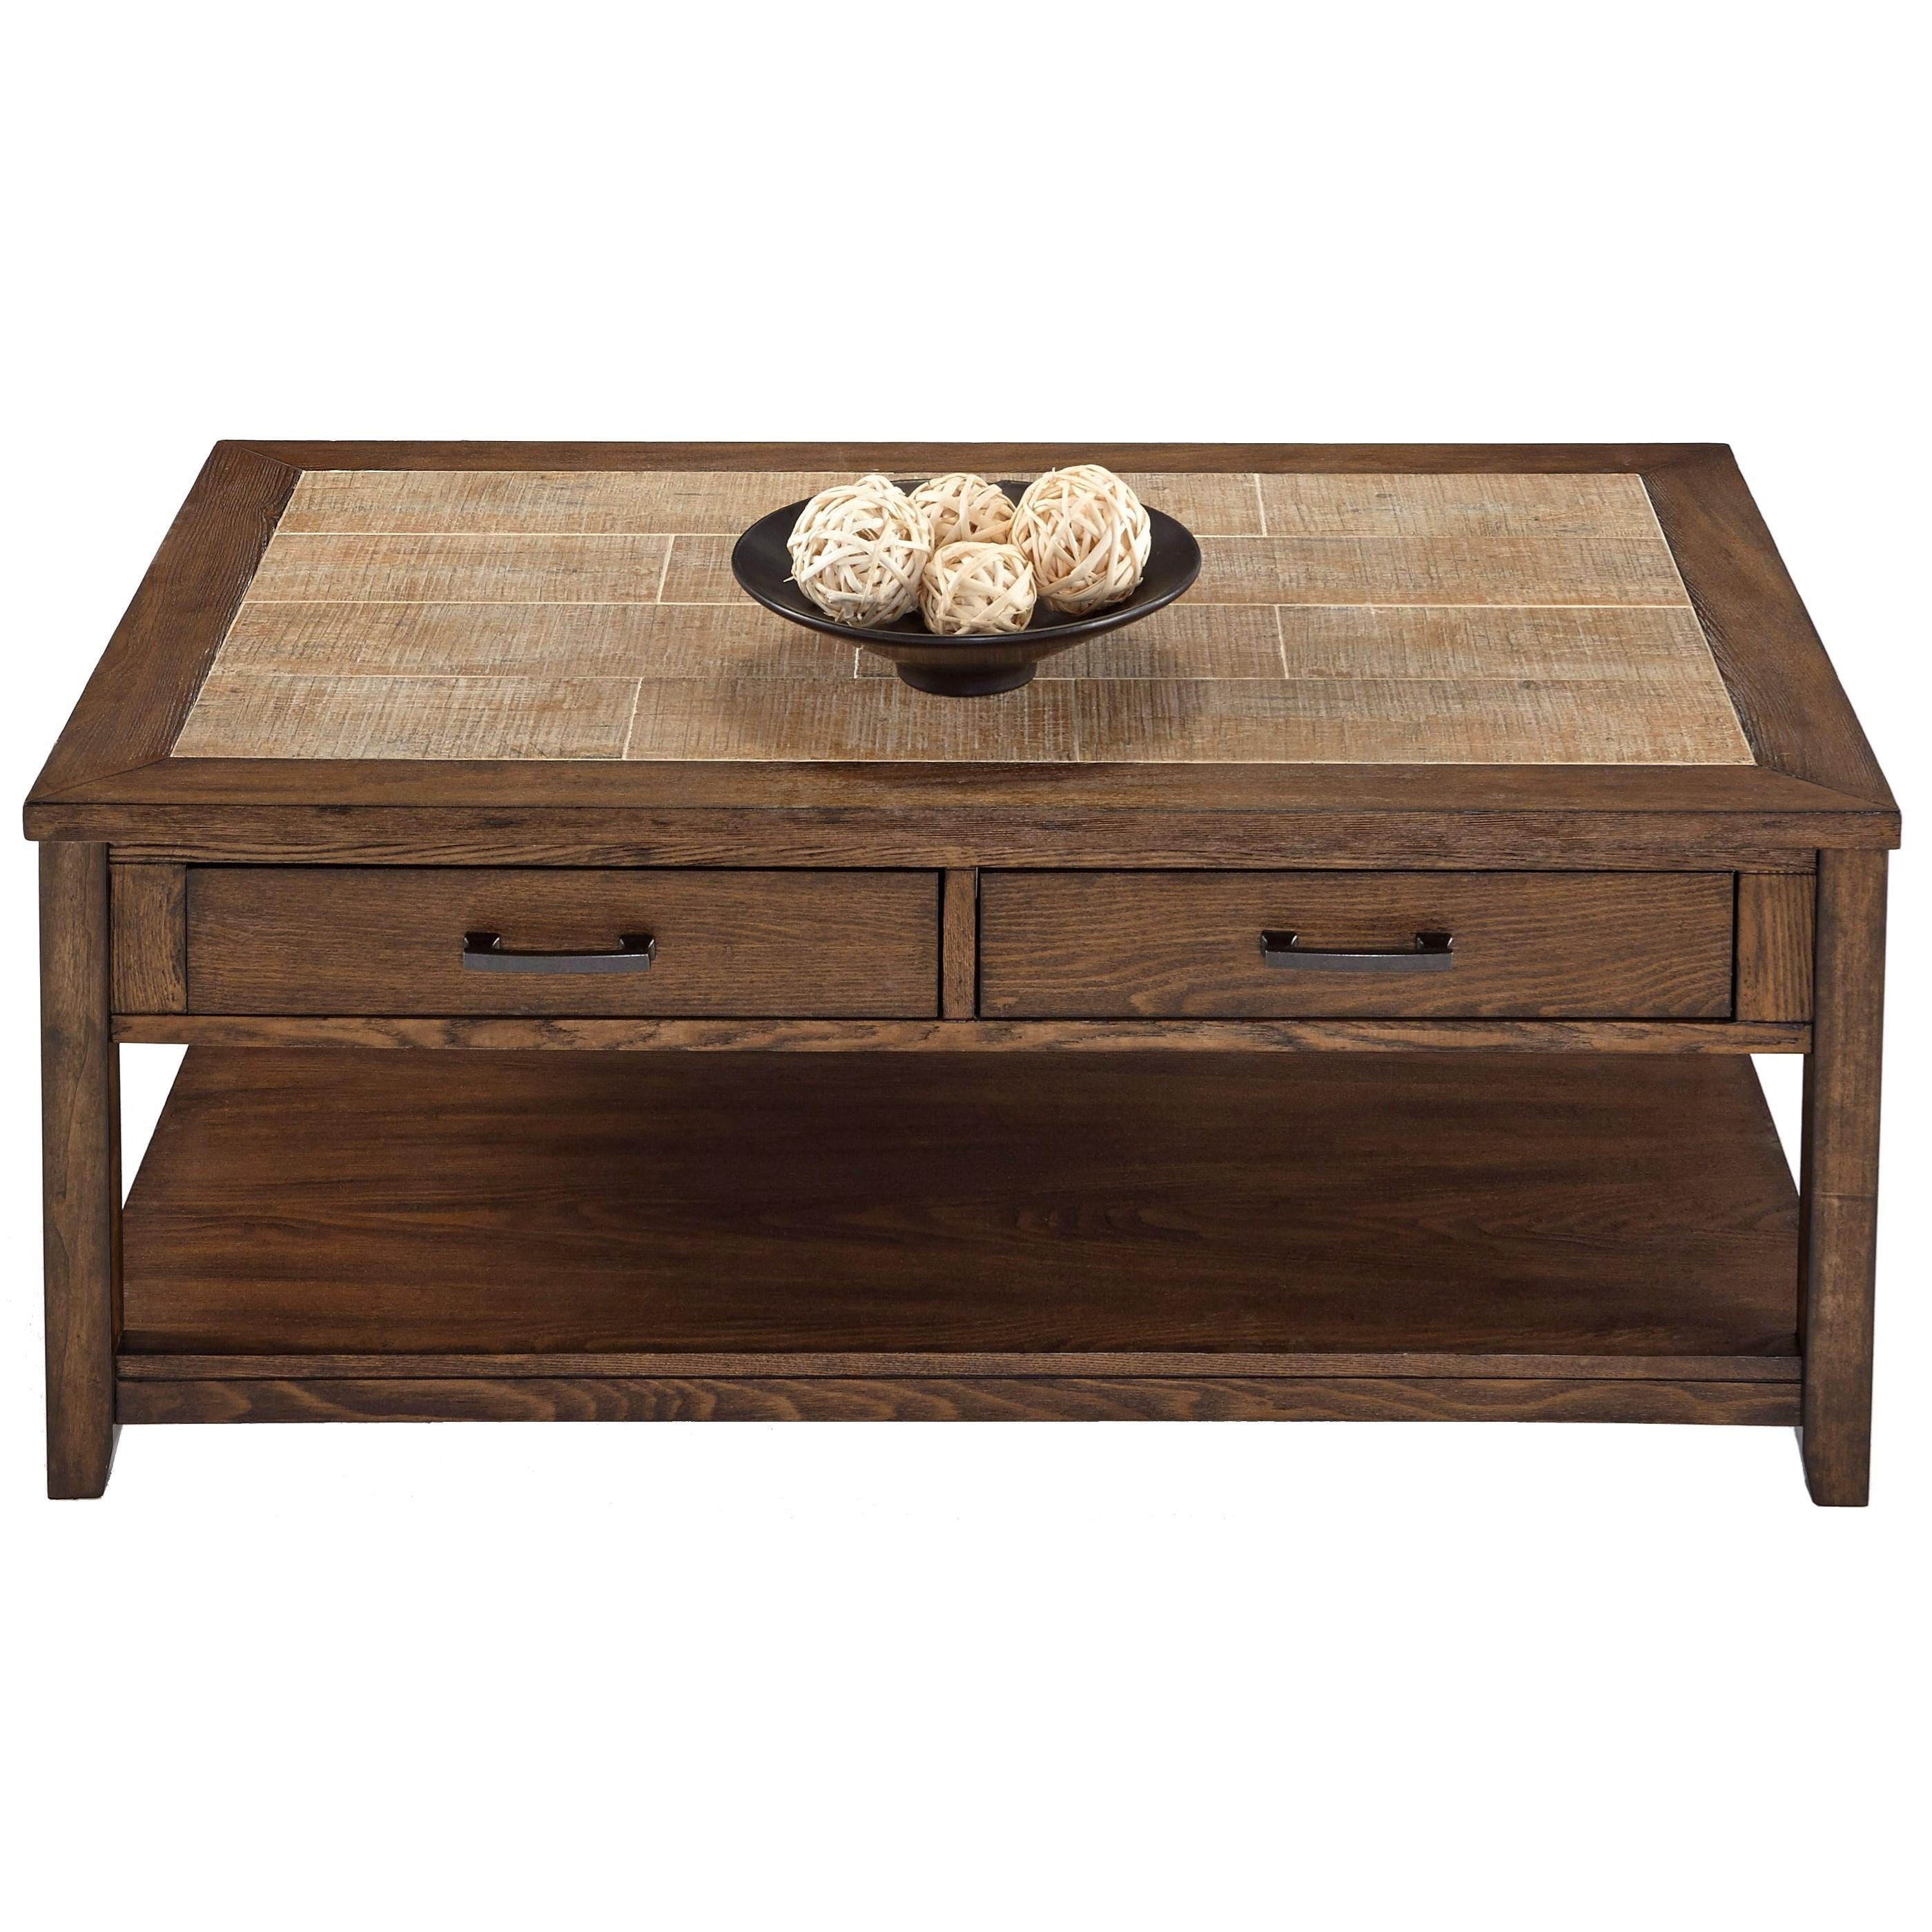 Progressive Furniture Forest Brook Castered Rectangular Cocktail Table - Item Number: P378T-01